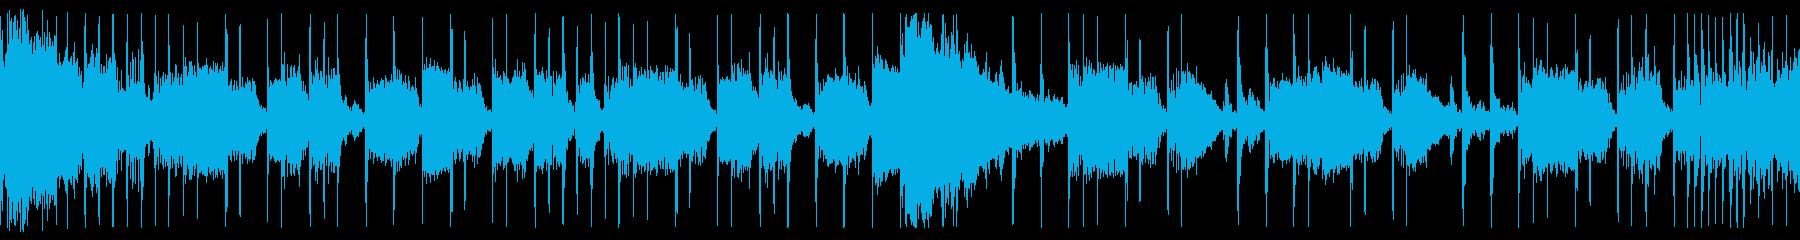 スラップベース/ドラム/ループの再生済みの波形